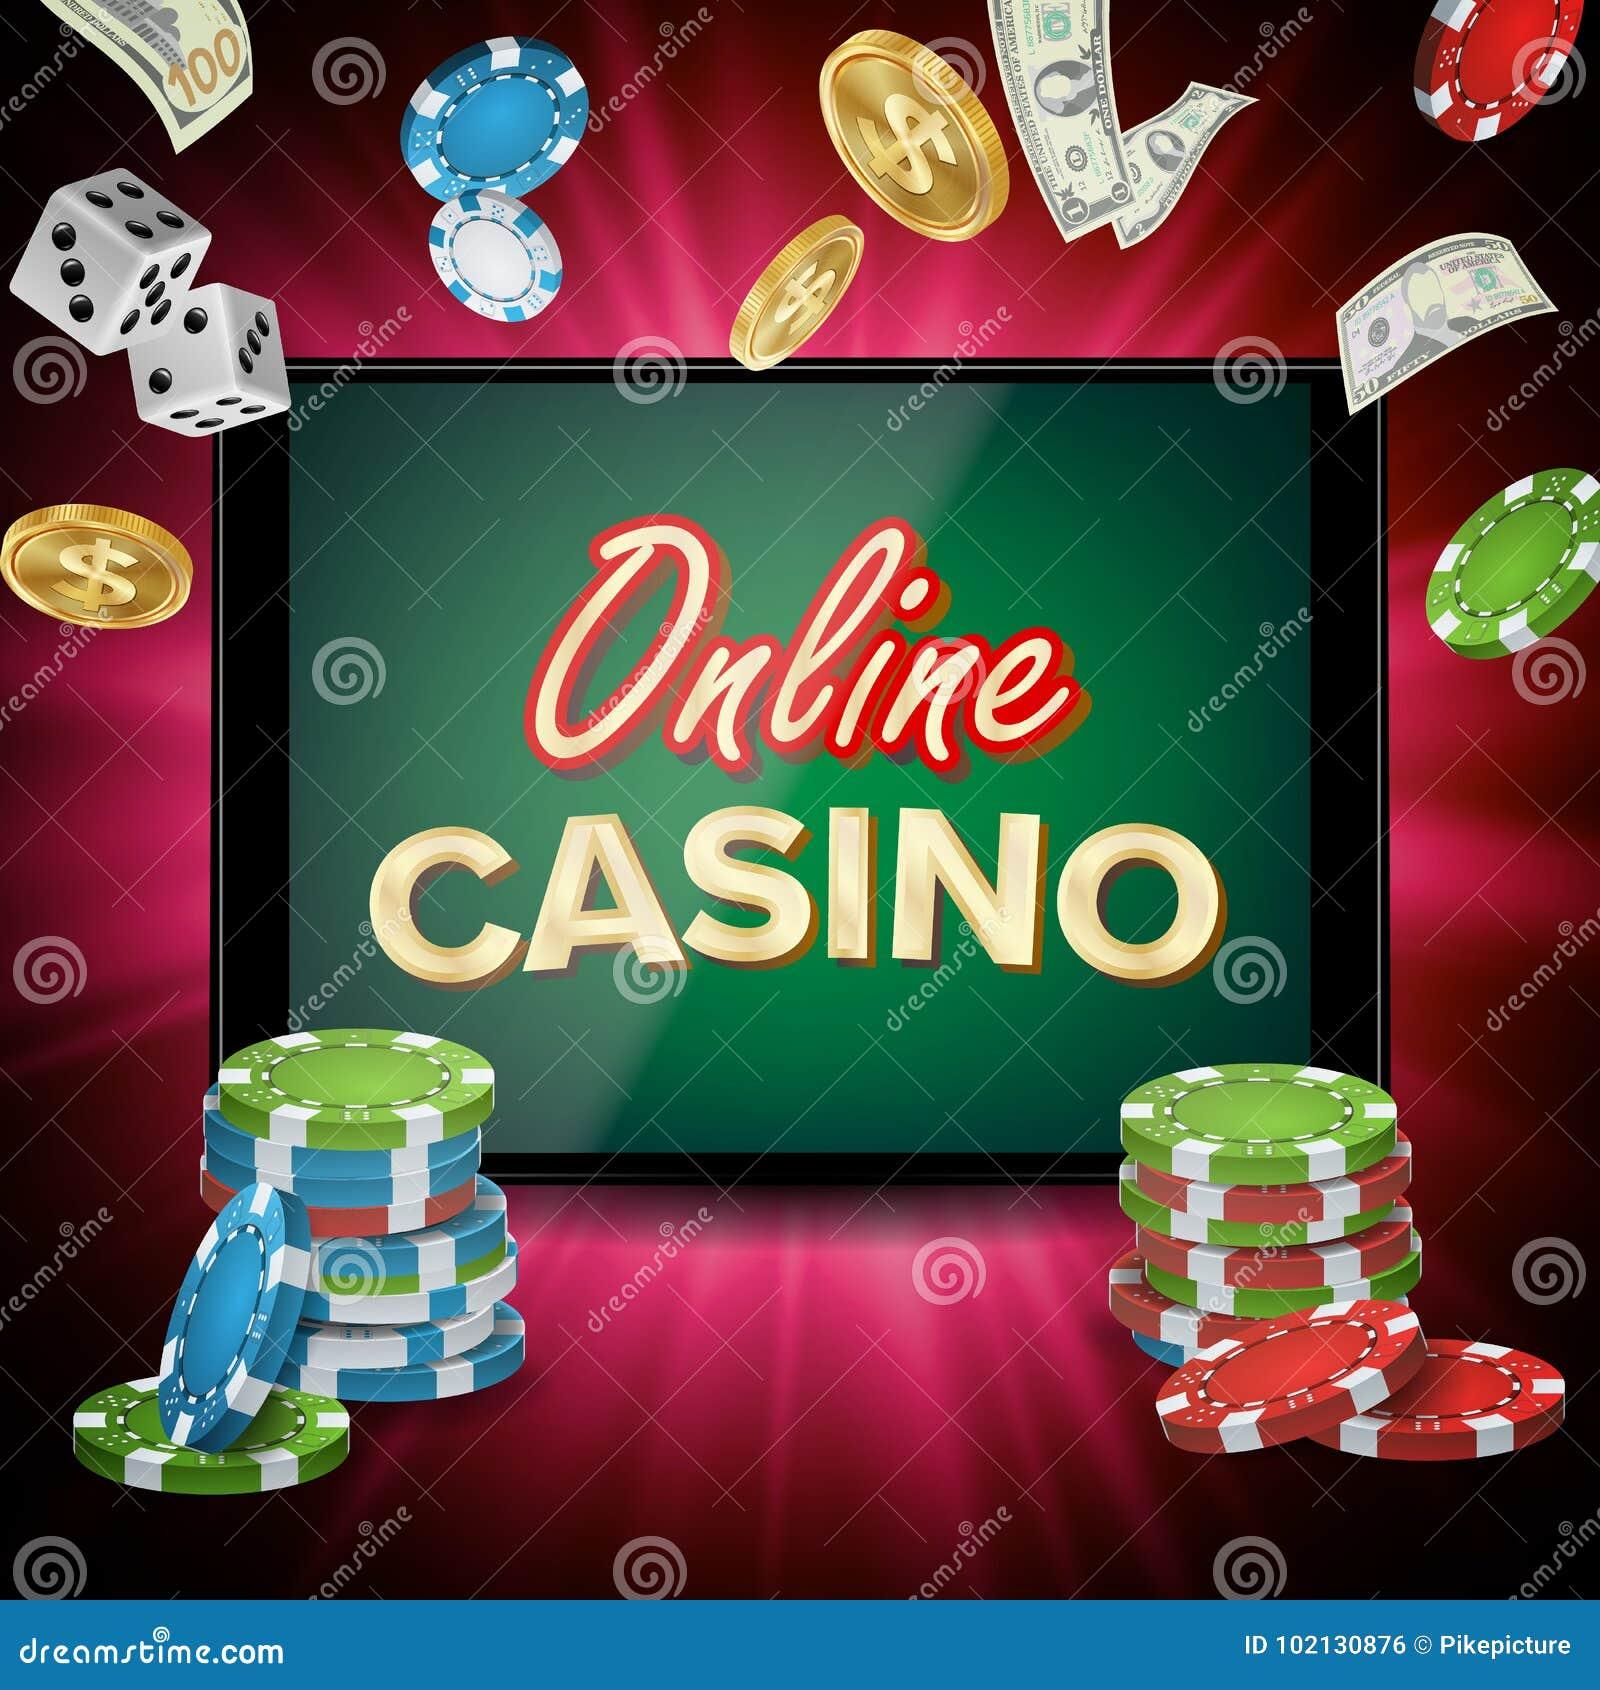 Онлайн казино монетка цены на игровые аппараты в аэрохоккей